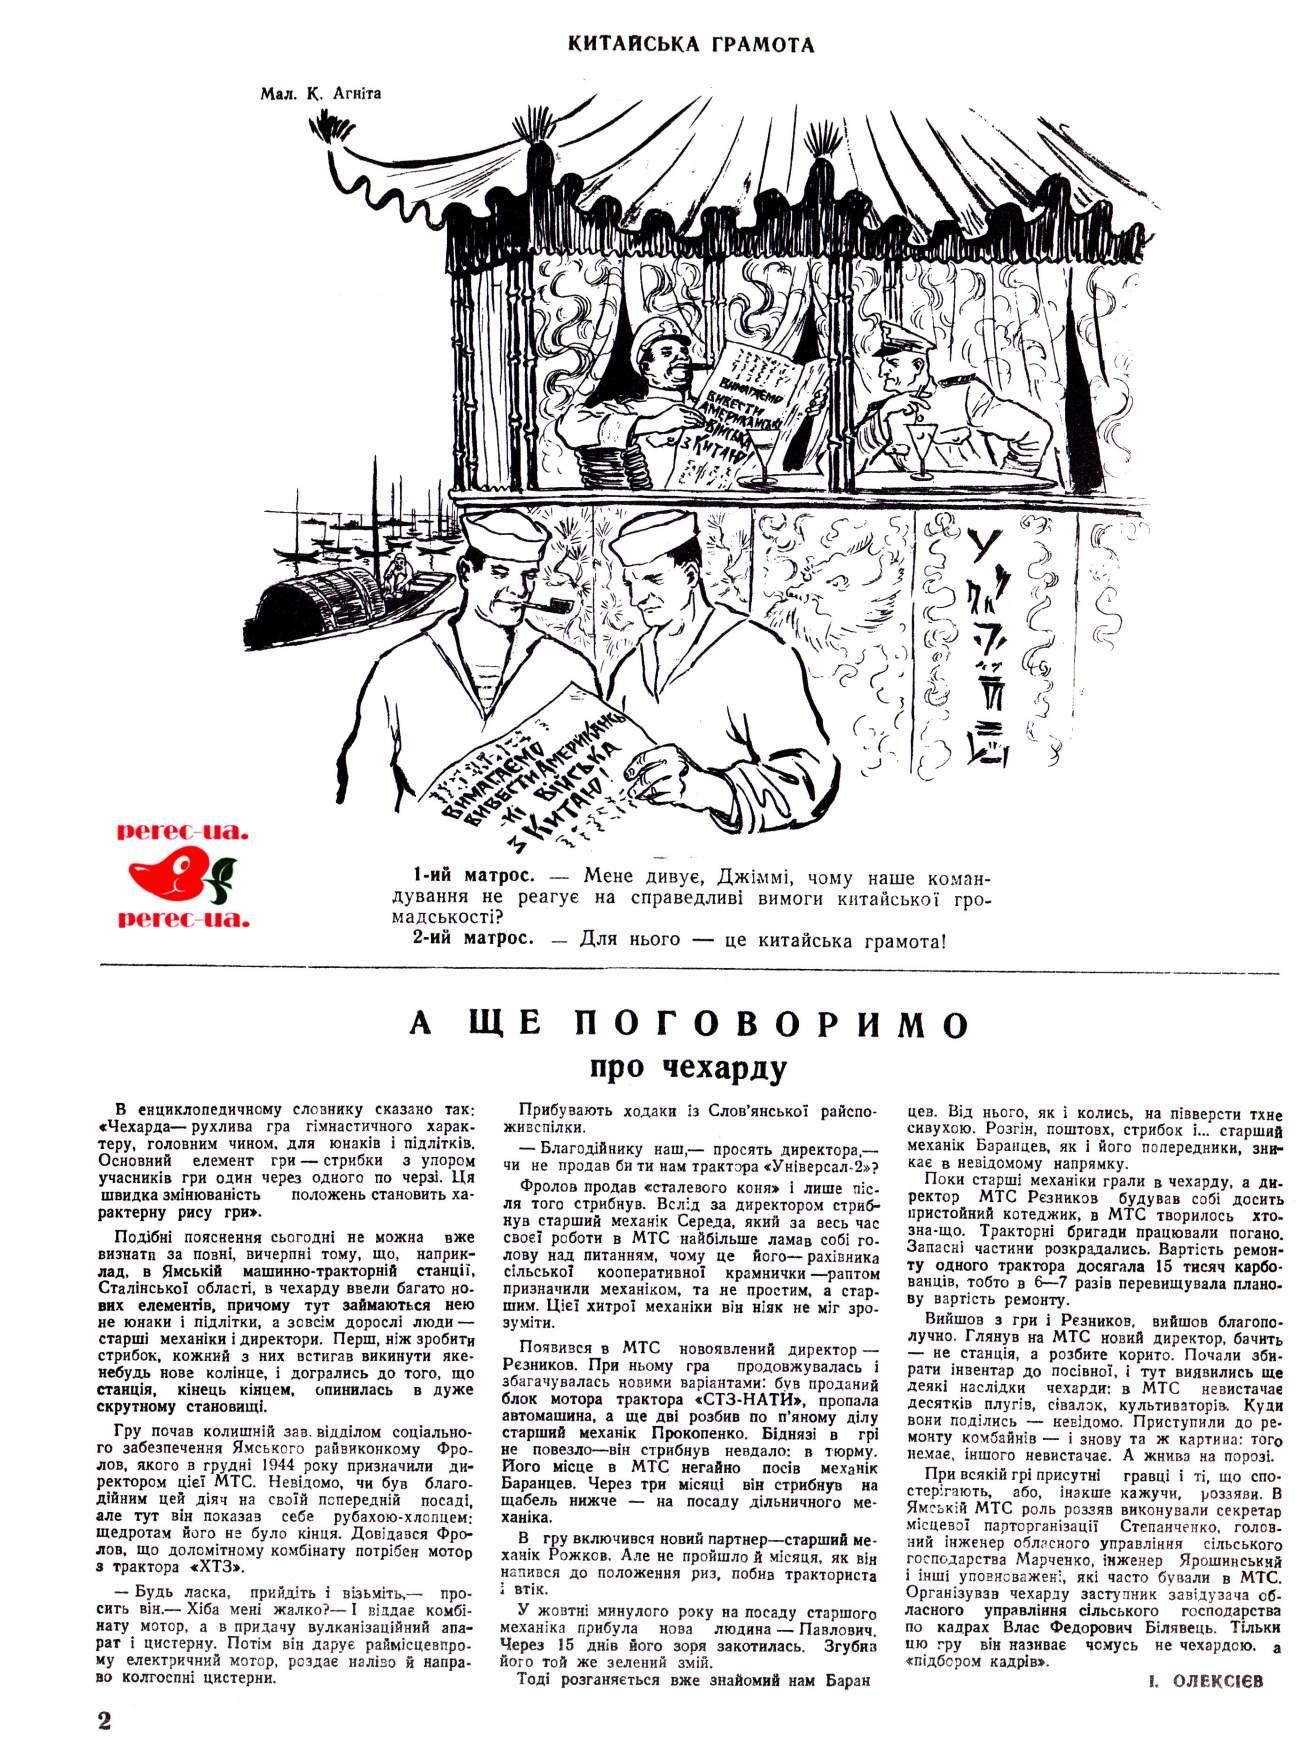 Журнал перець 1947 №11